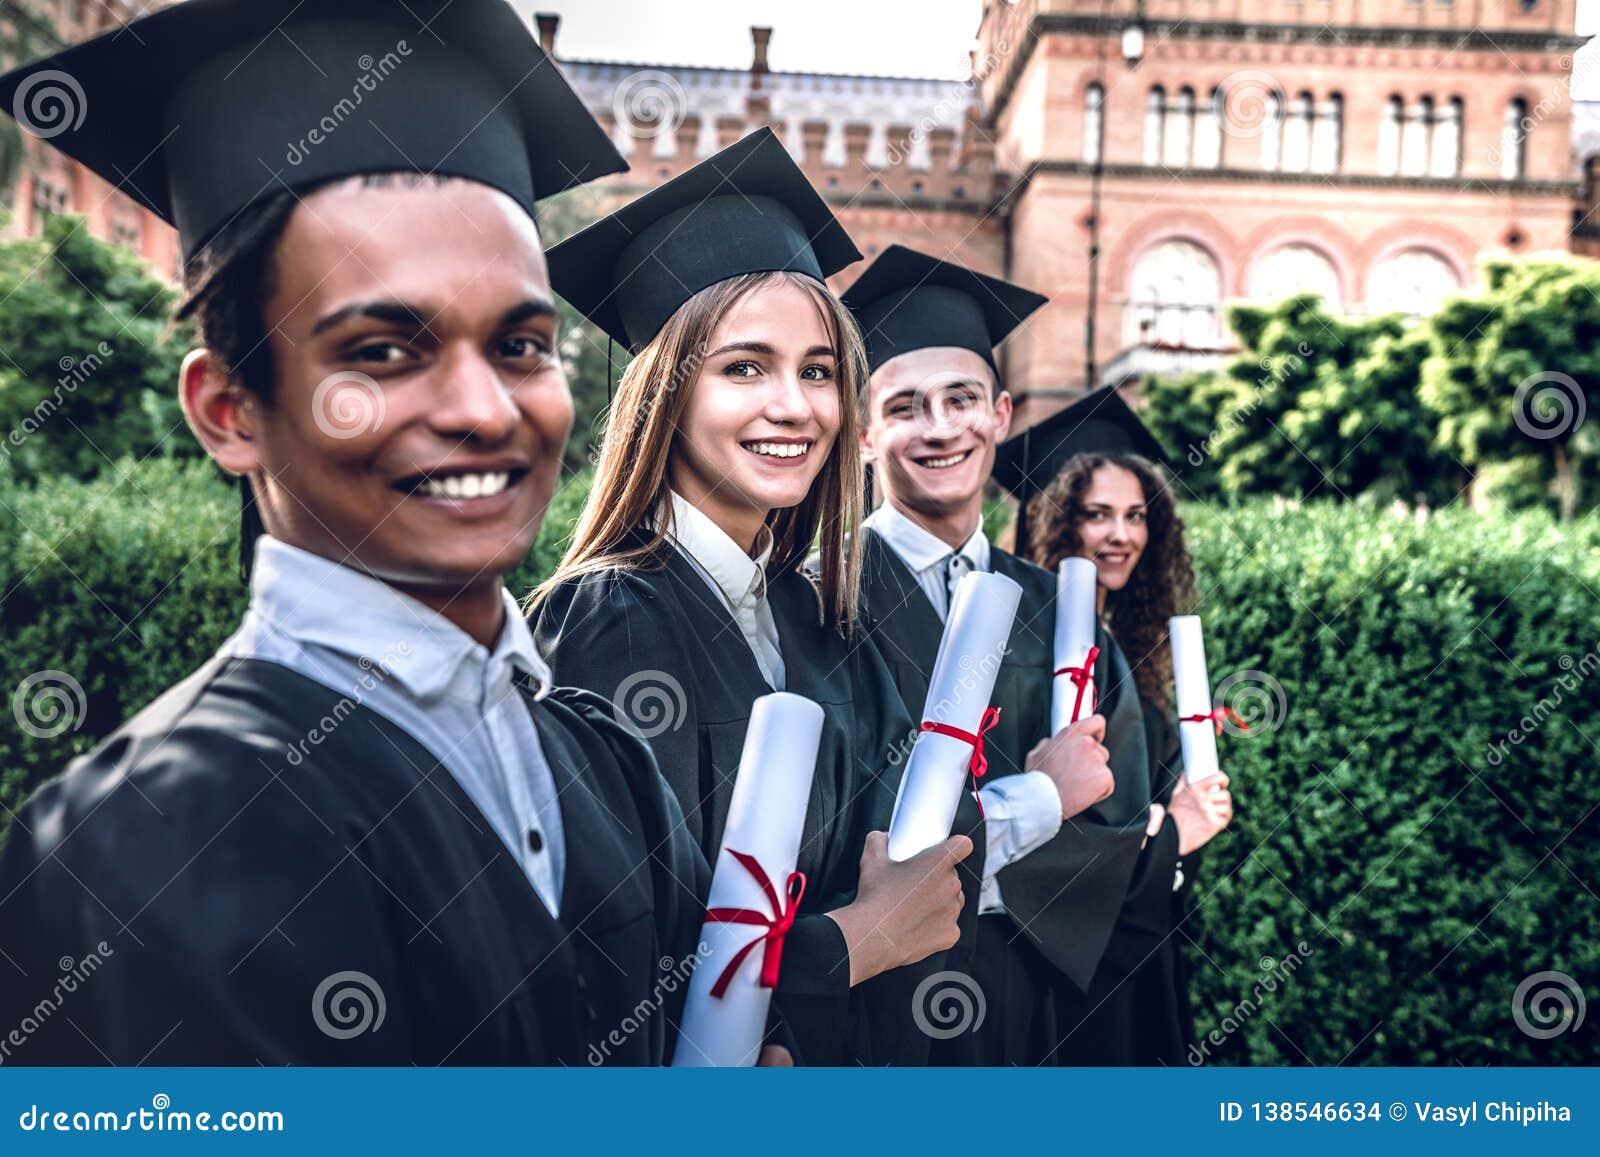 Foram educados e aprontam-se para ir! Os graduados felizes estão estando na universidade exterior nos envoltórios com diplomas à